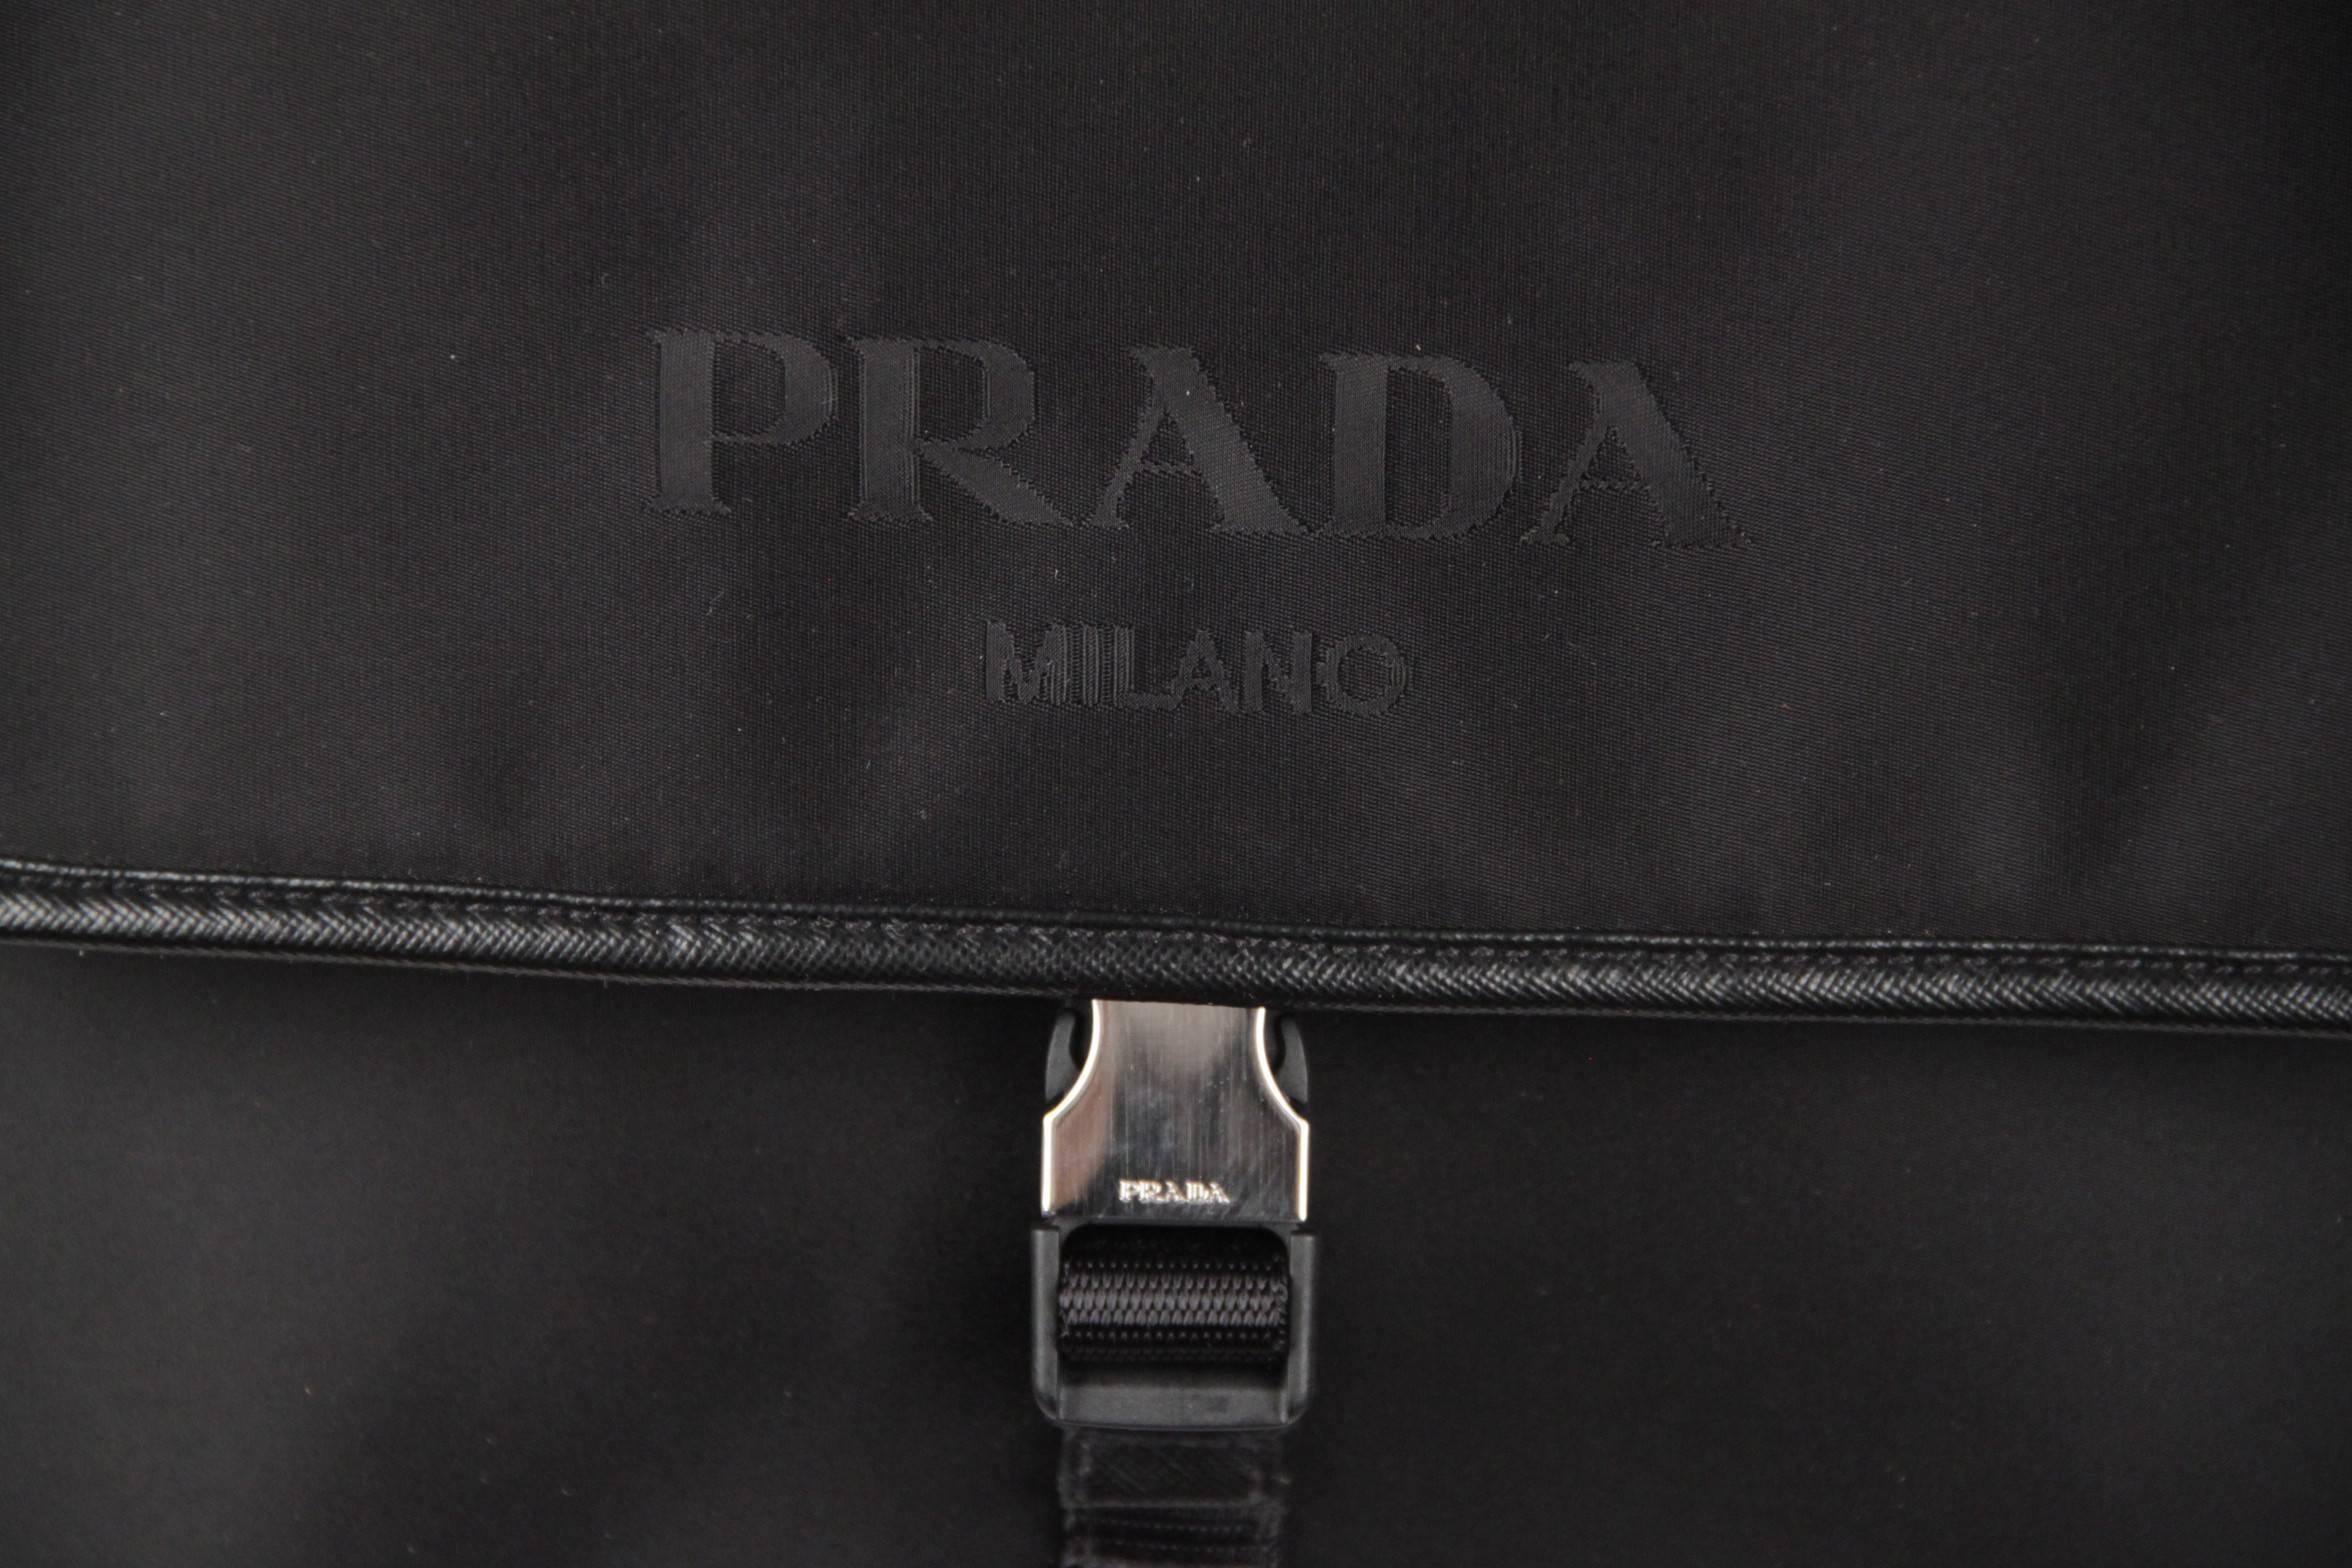 fc091a23e136 ... coupon for prada black canvas single clip messenger bag crossbody for  sale at 1stdibs 34e8d e124c